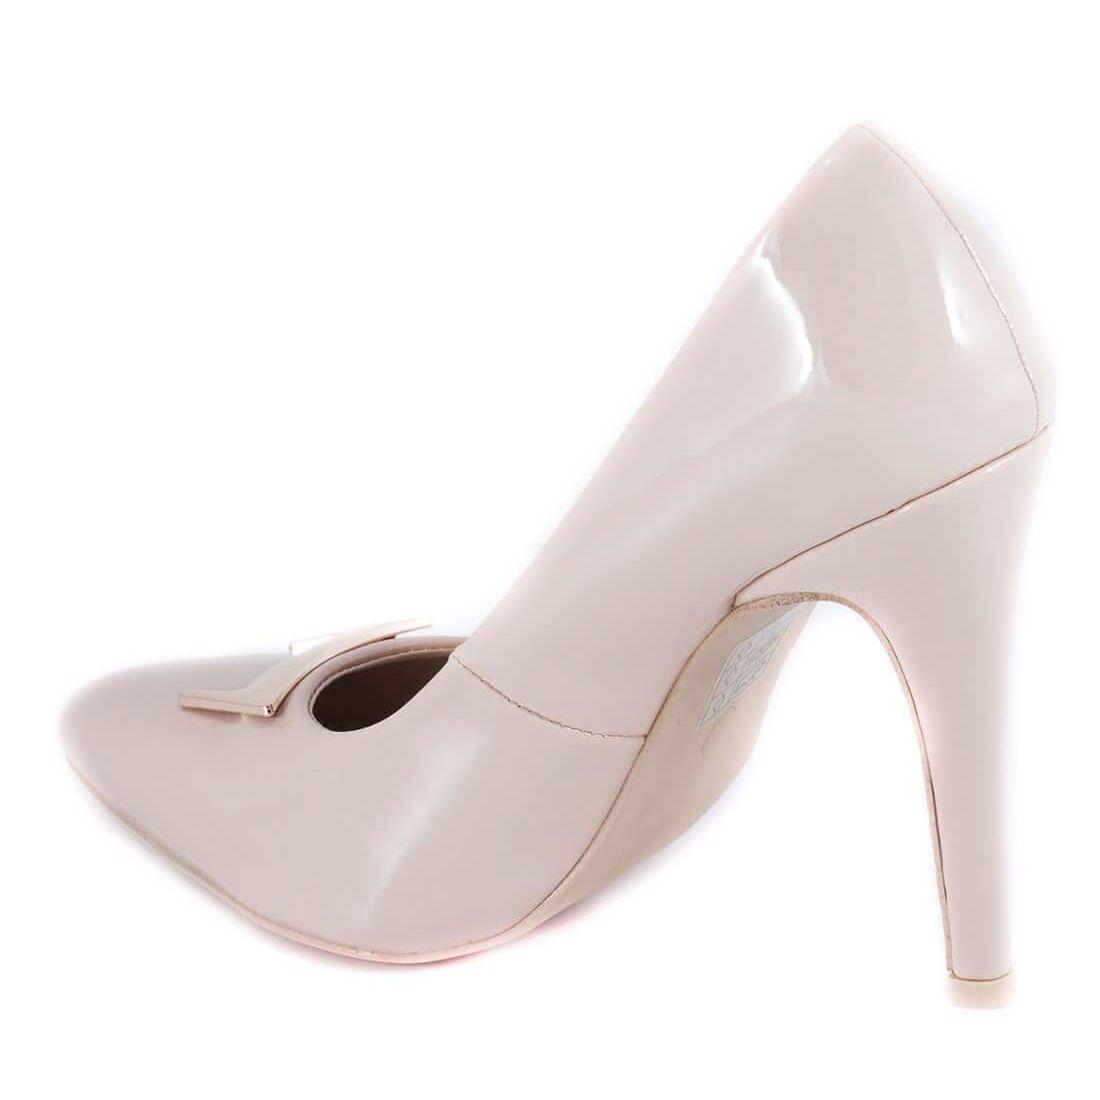 Pantofi dama cu toc 51936-NUDE-PT la 39,99Lei - Zibra.ro